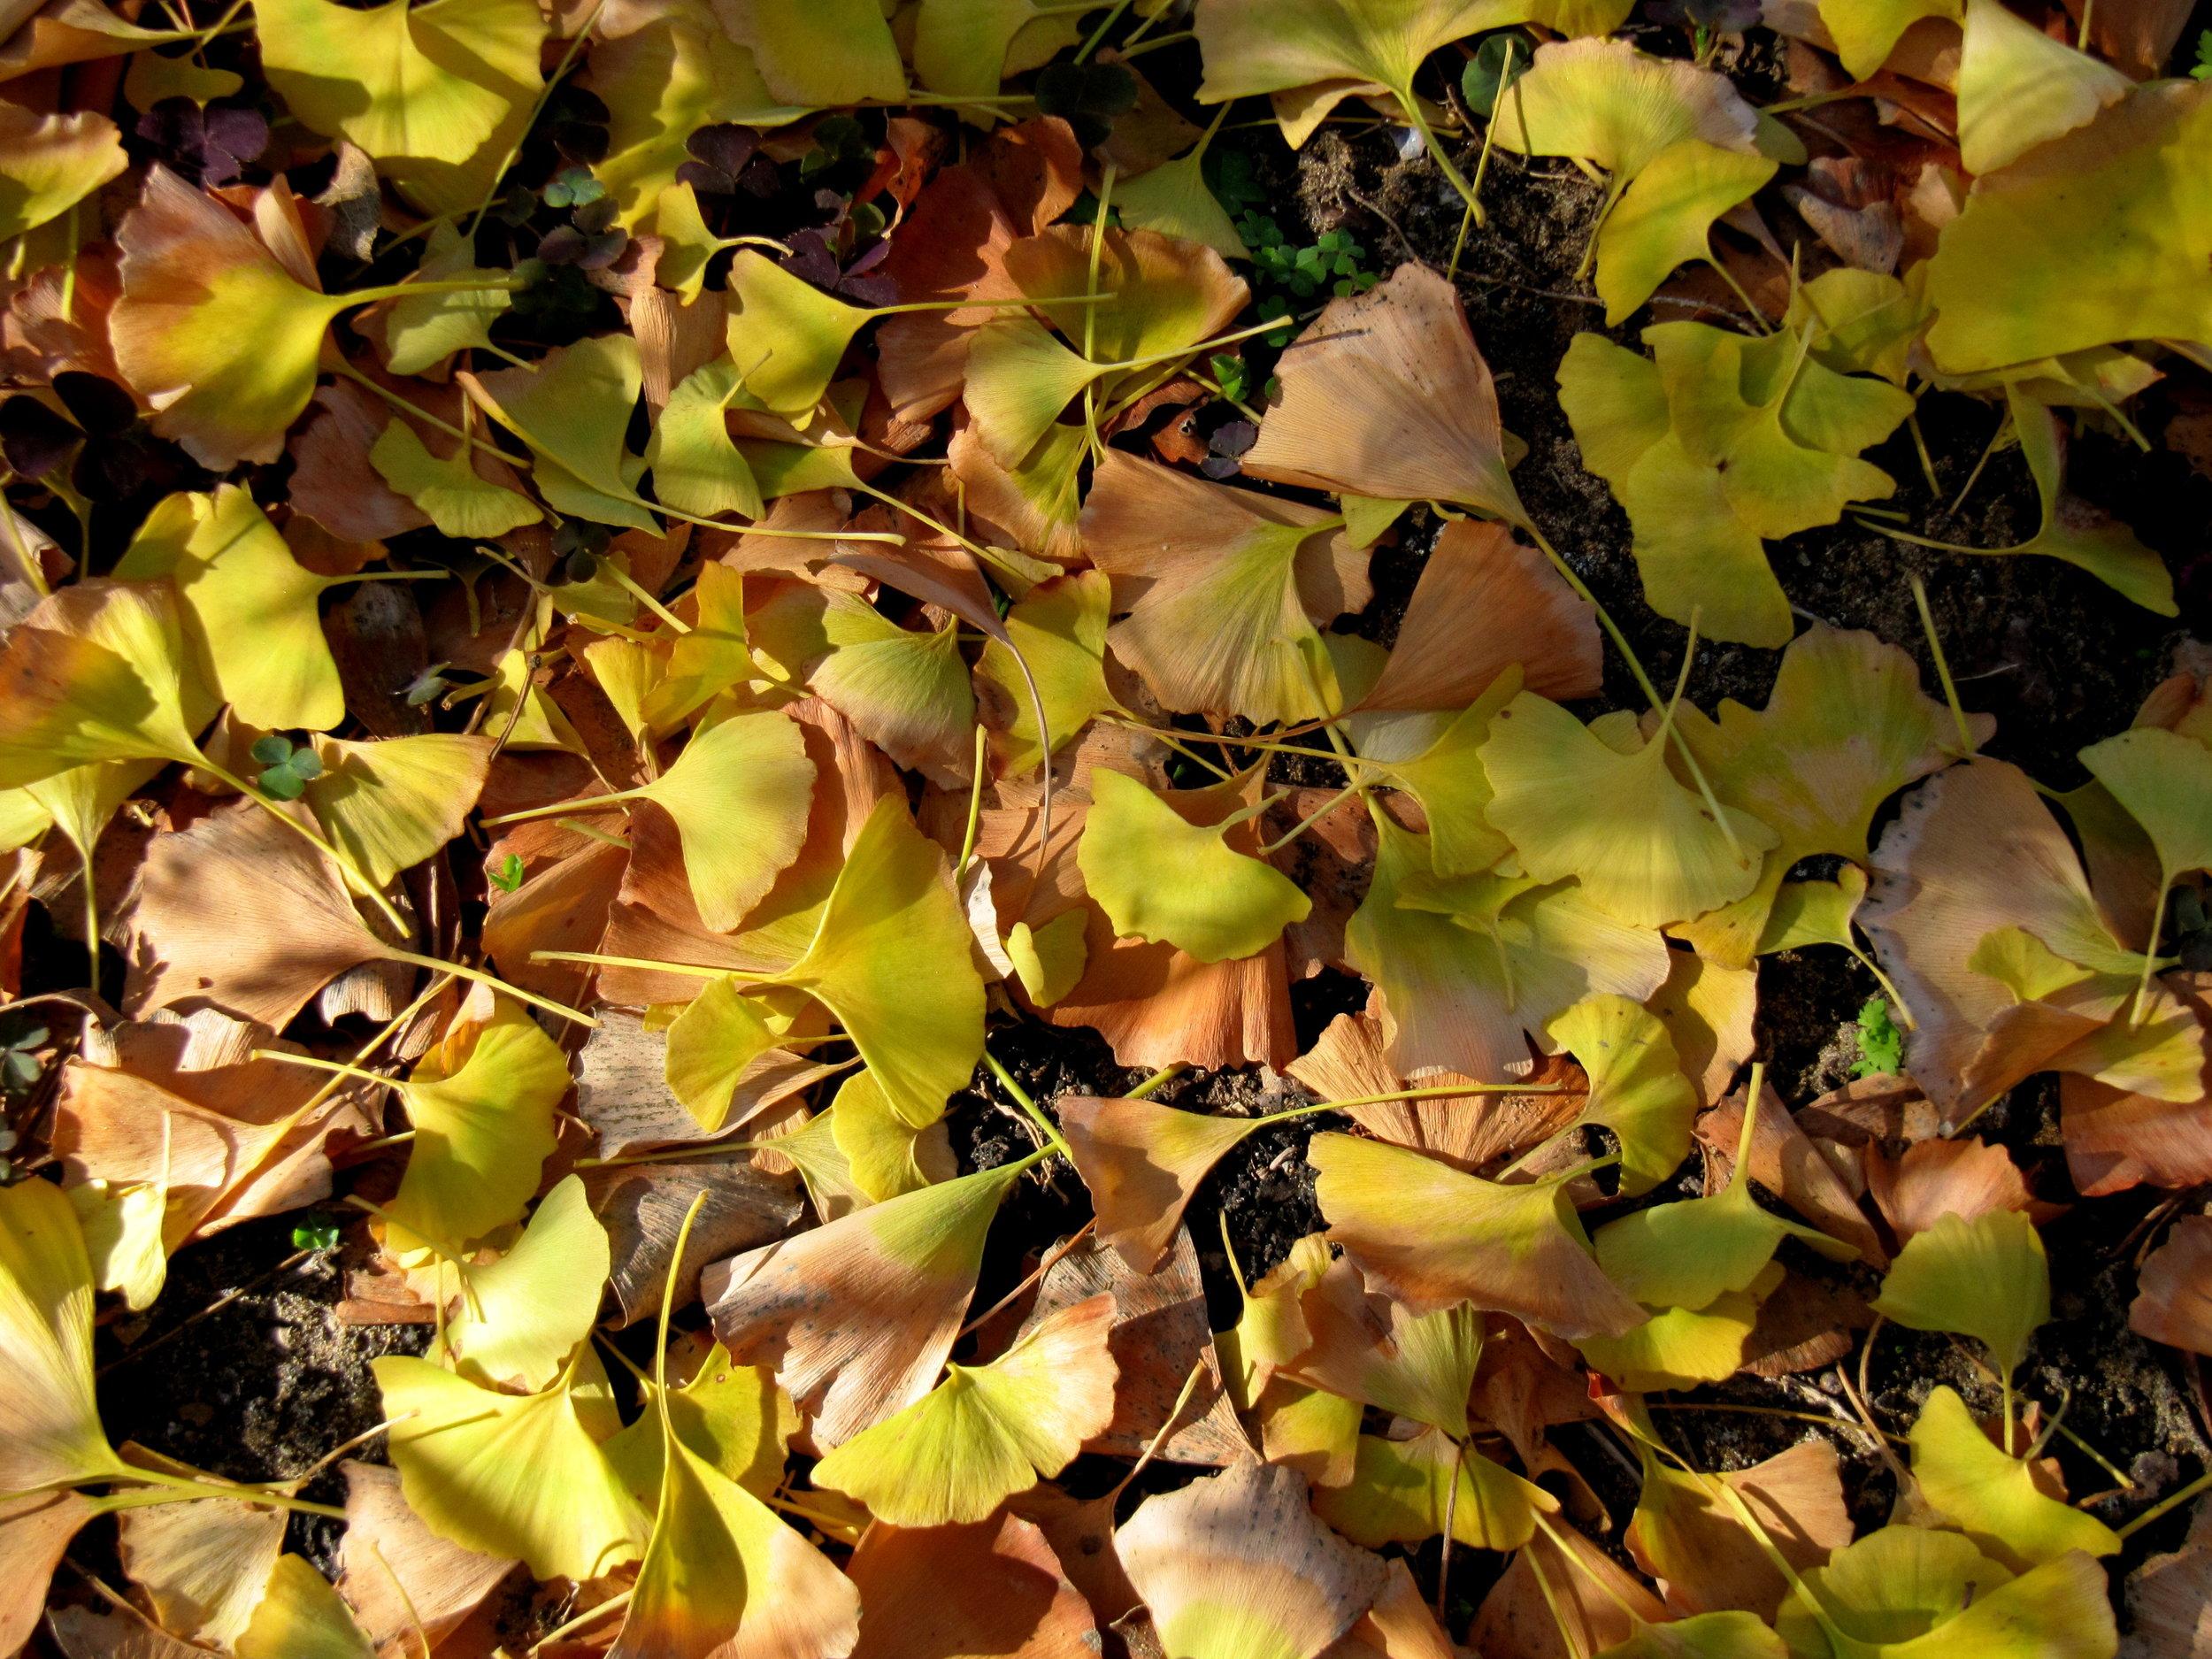 Ginkgo leaves in winter light.